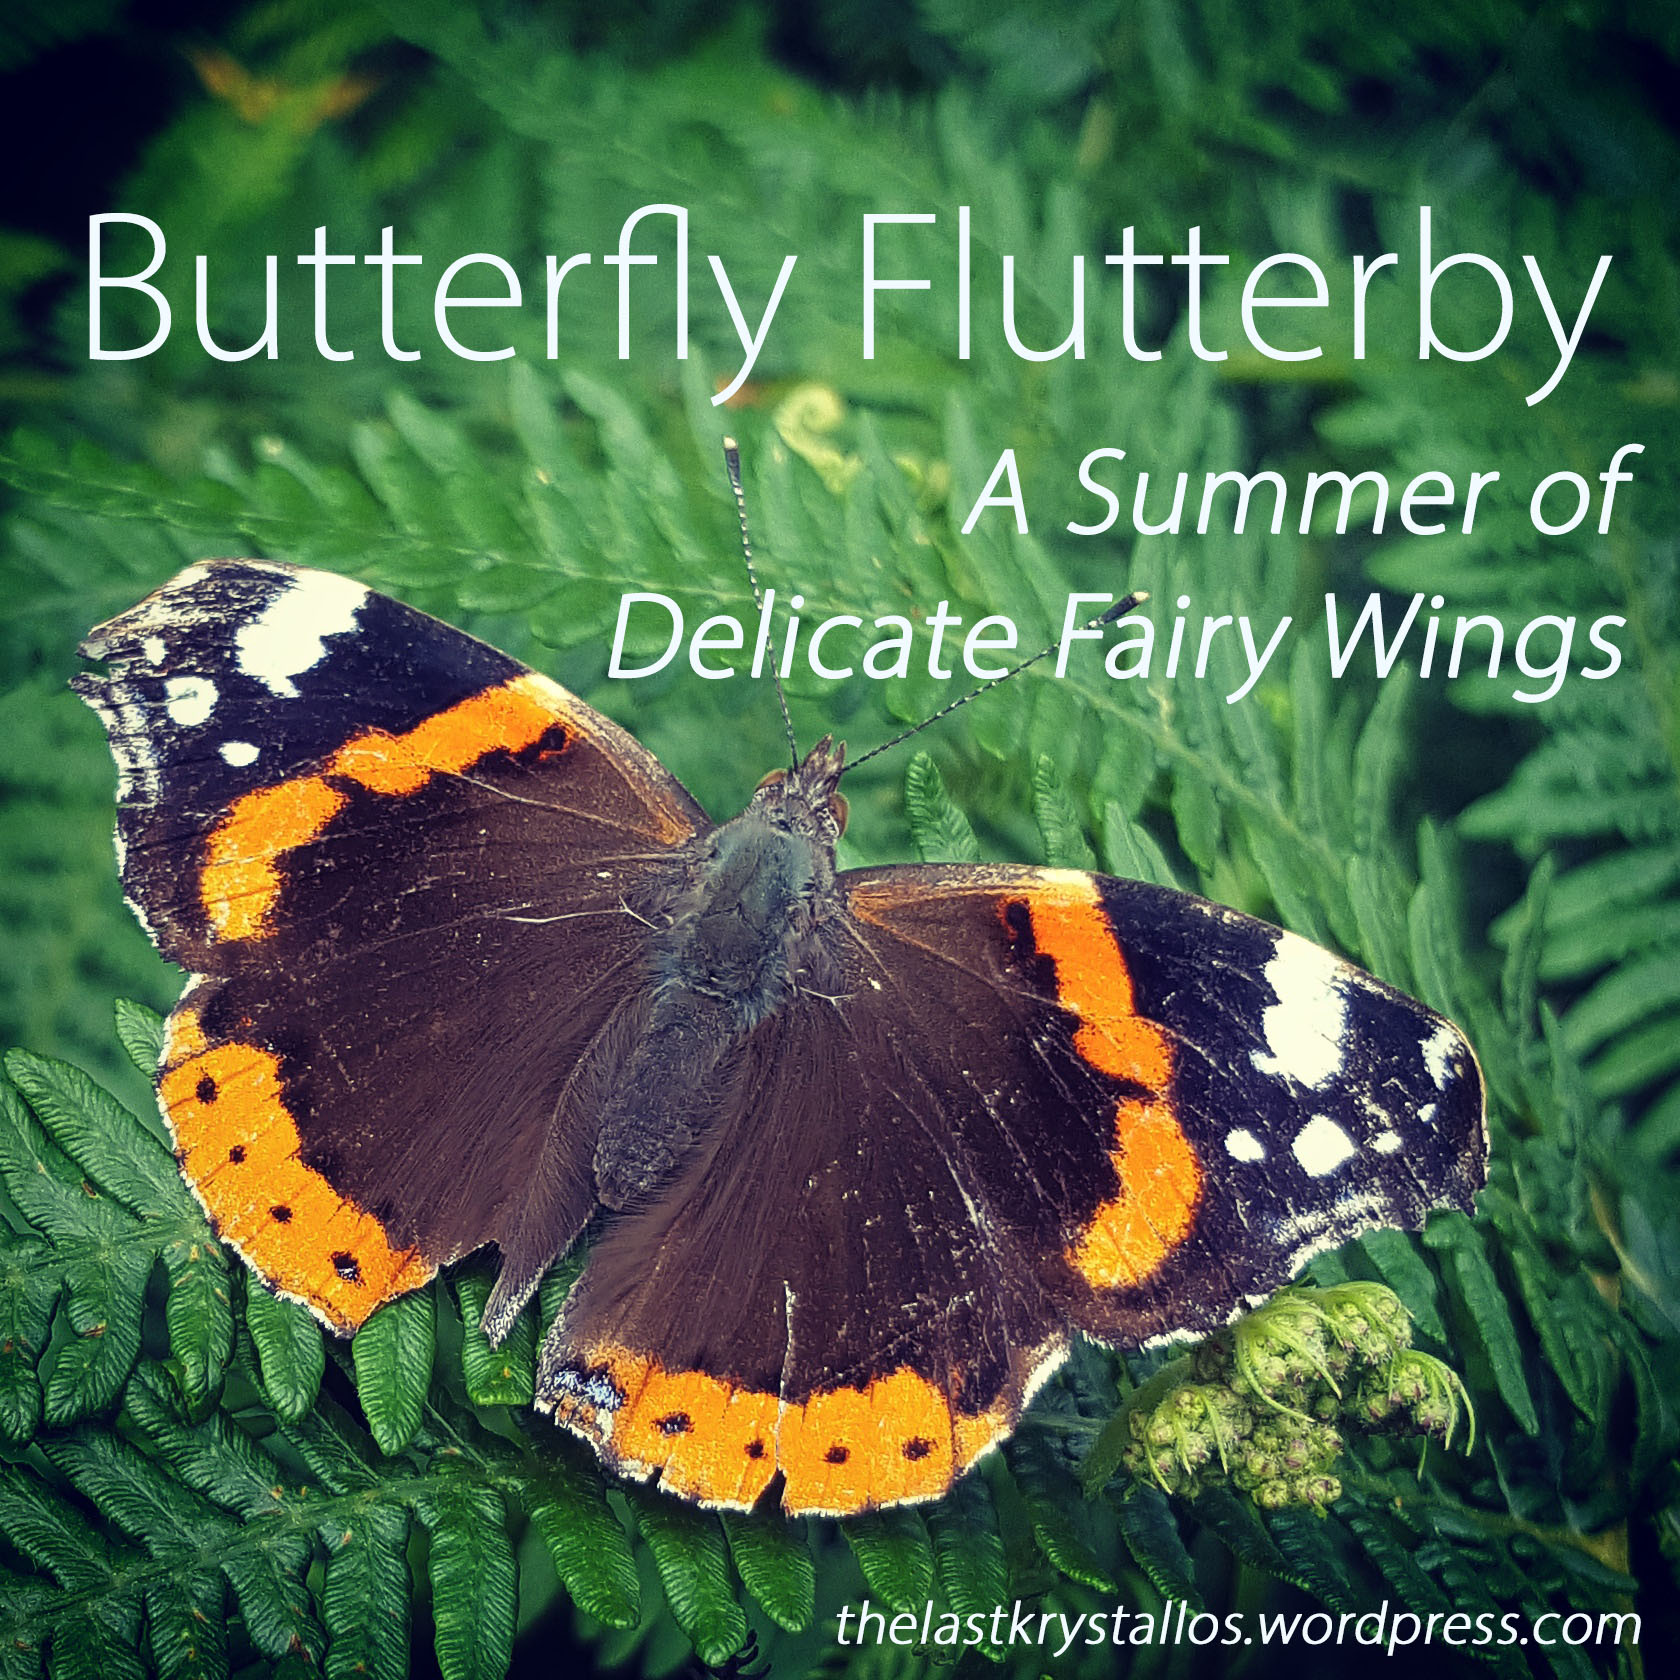 Butterfly Flutterby - A Summer of Delicate Fairy Wings - The Last Krystallos